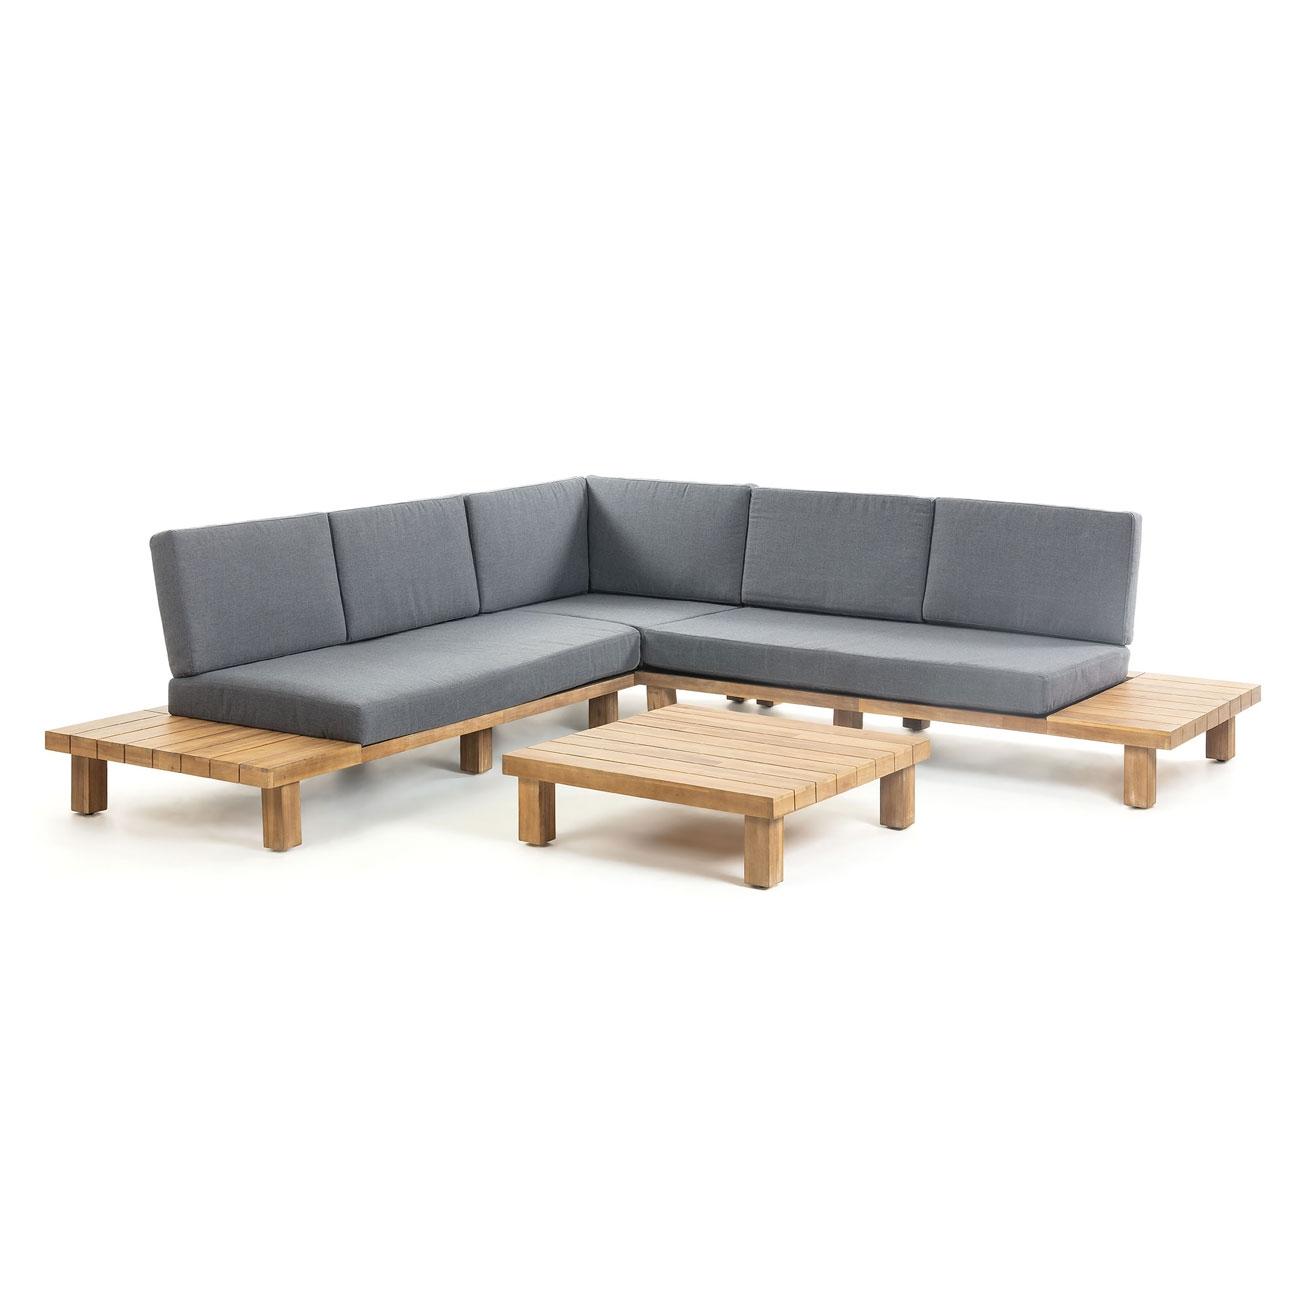 Sofá rinconero  BURLINGTON madera acacia  - Sofá rinconero  BURLINGTON madera acacia